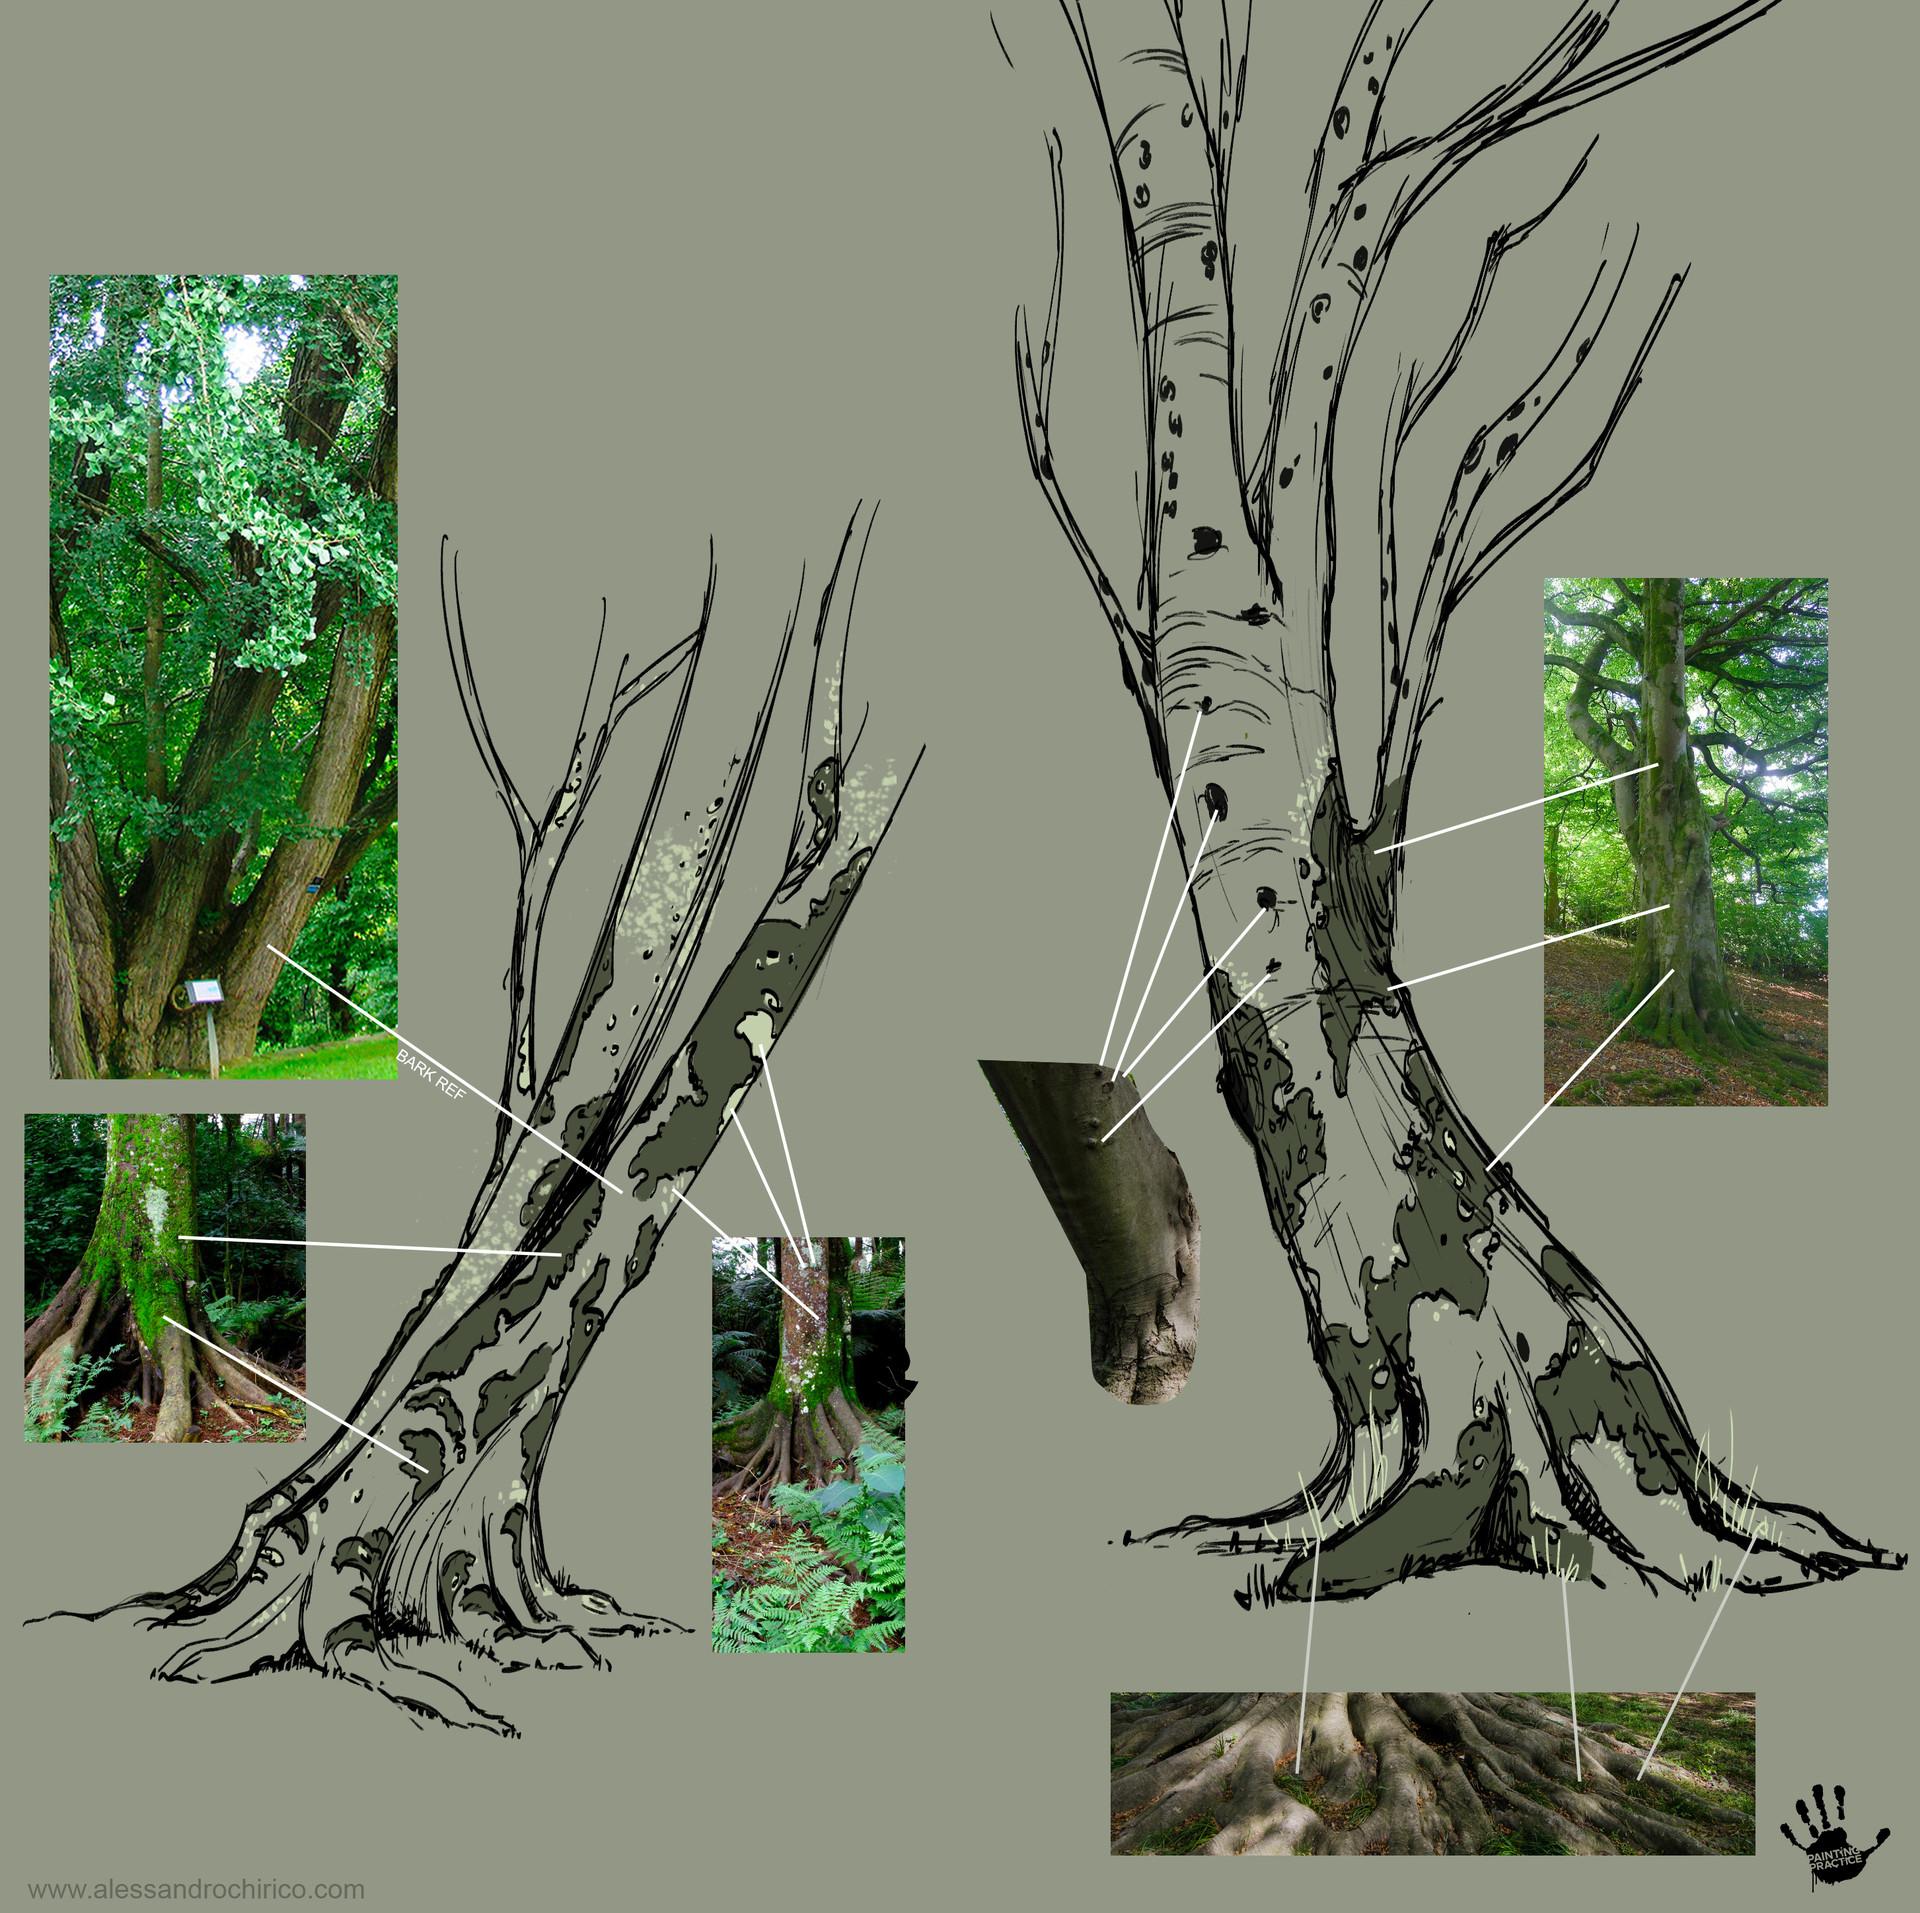 Alessandro chirico 8 trees layout